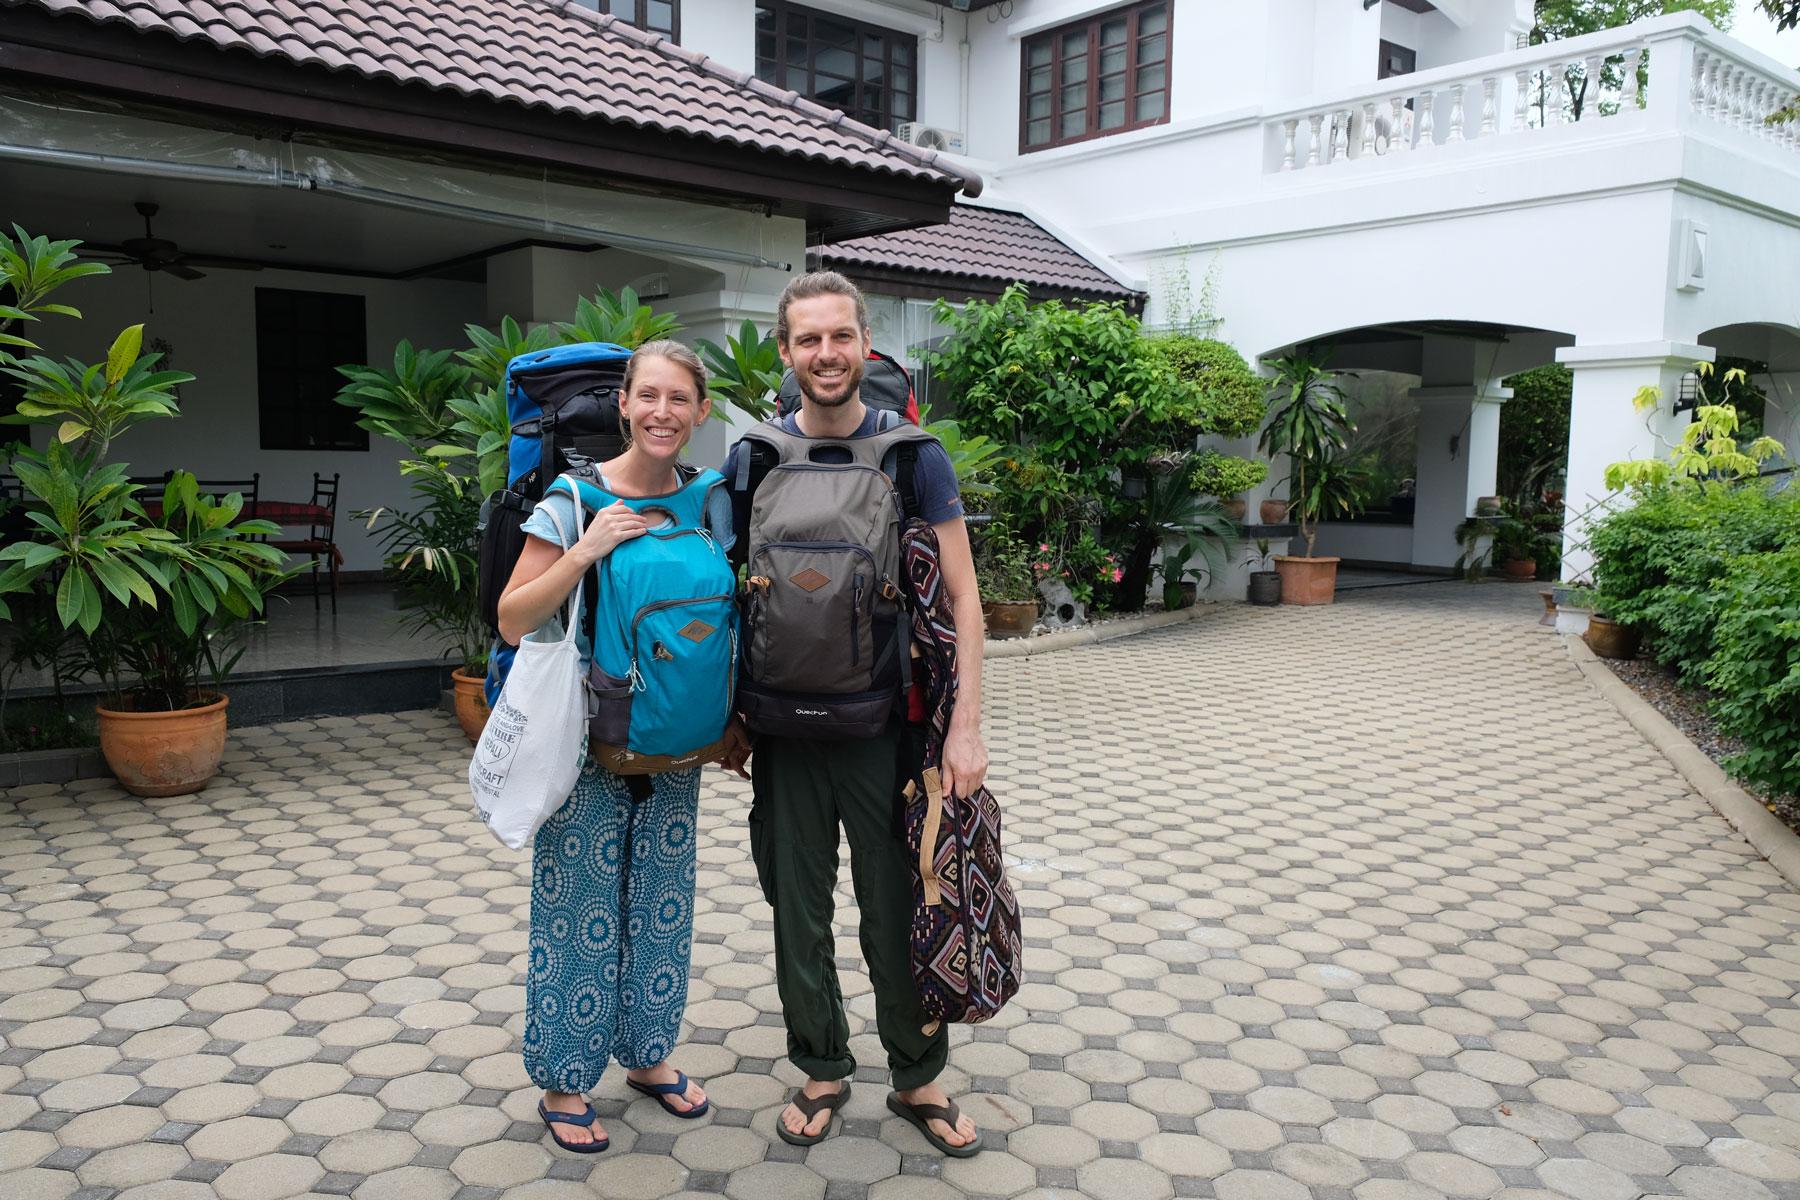 Leo und Sebastian stehen mit ihrem Gepäck vor ihrem house sitting Haus in Bangkok